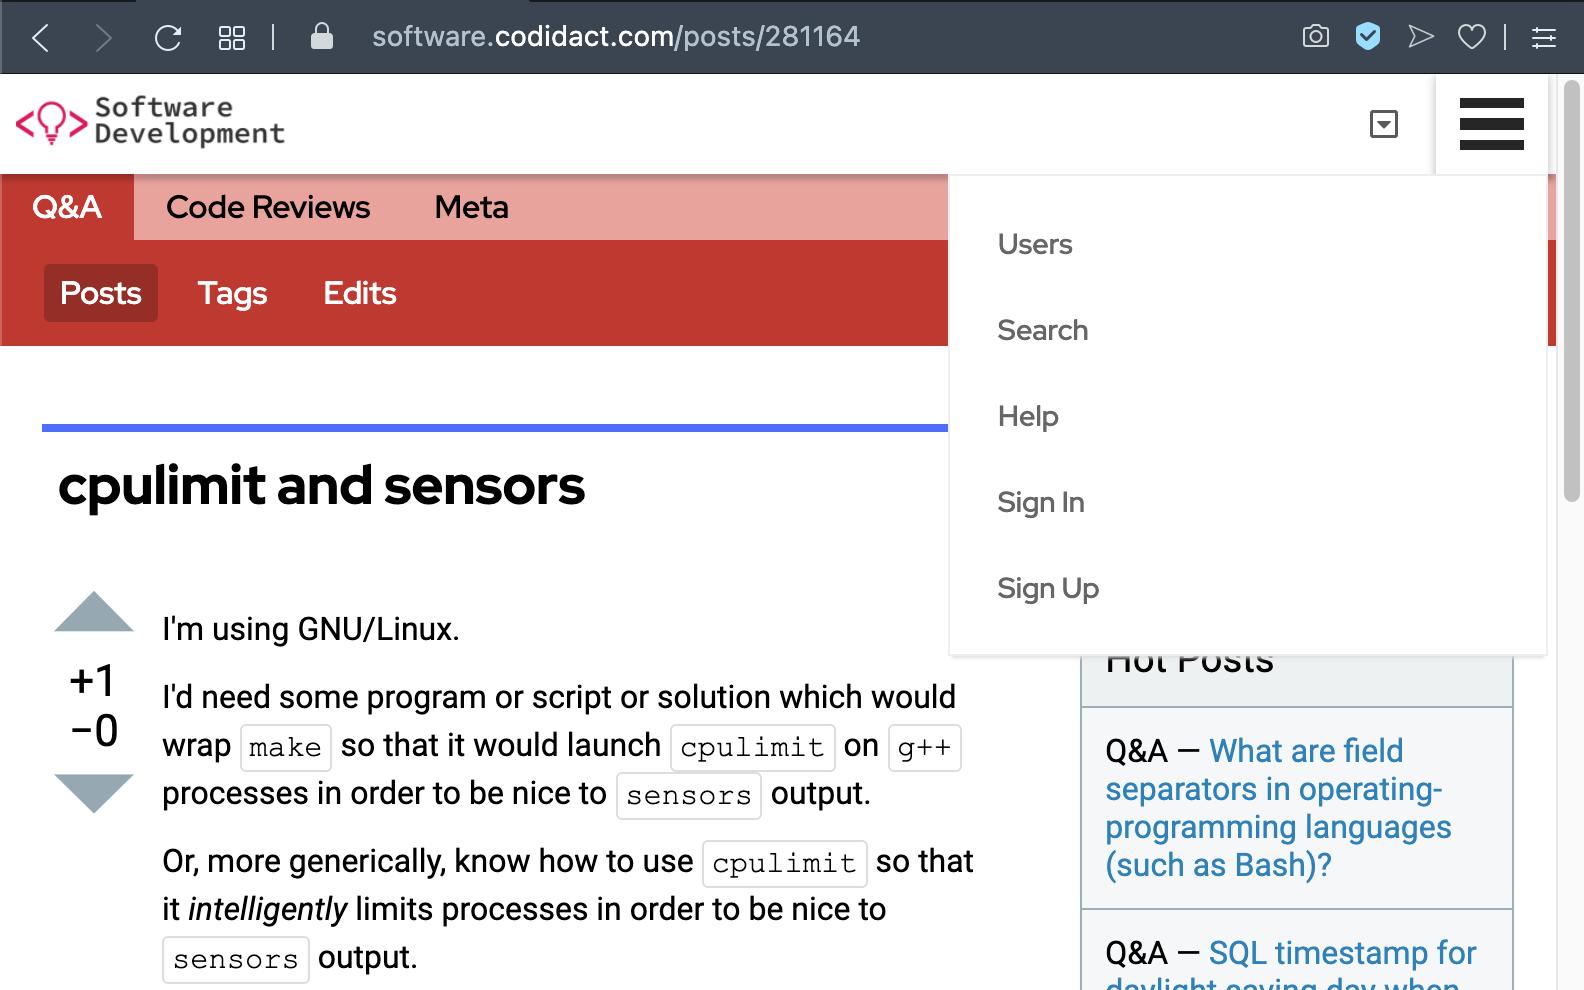 Codidact menu is clicked